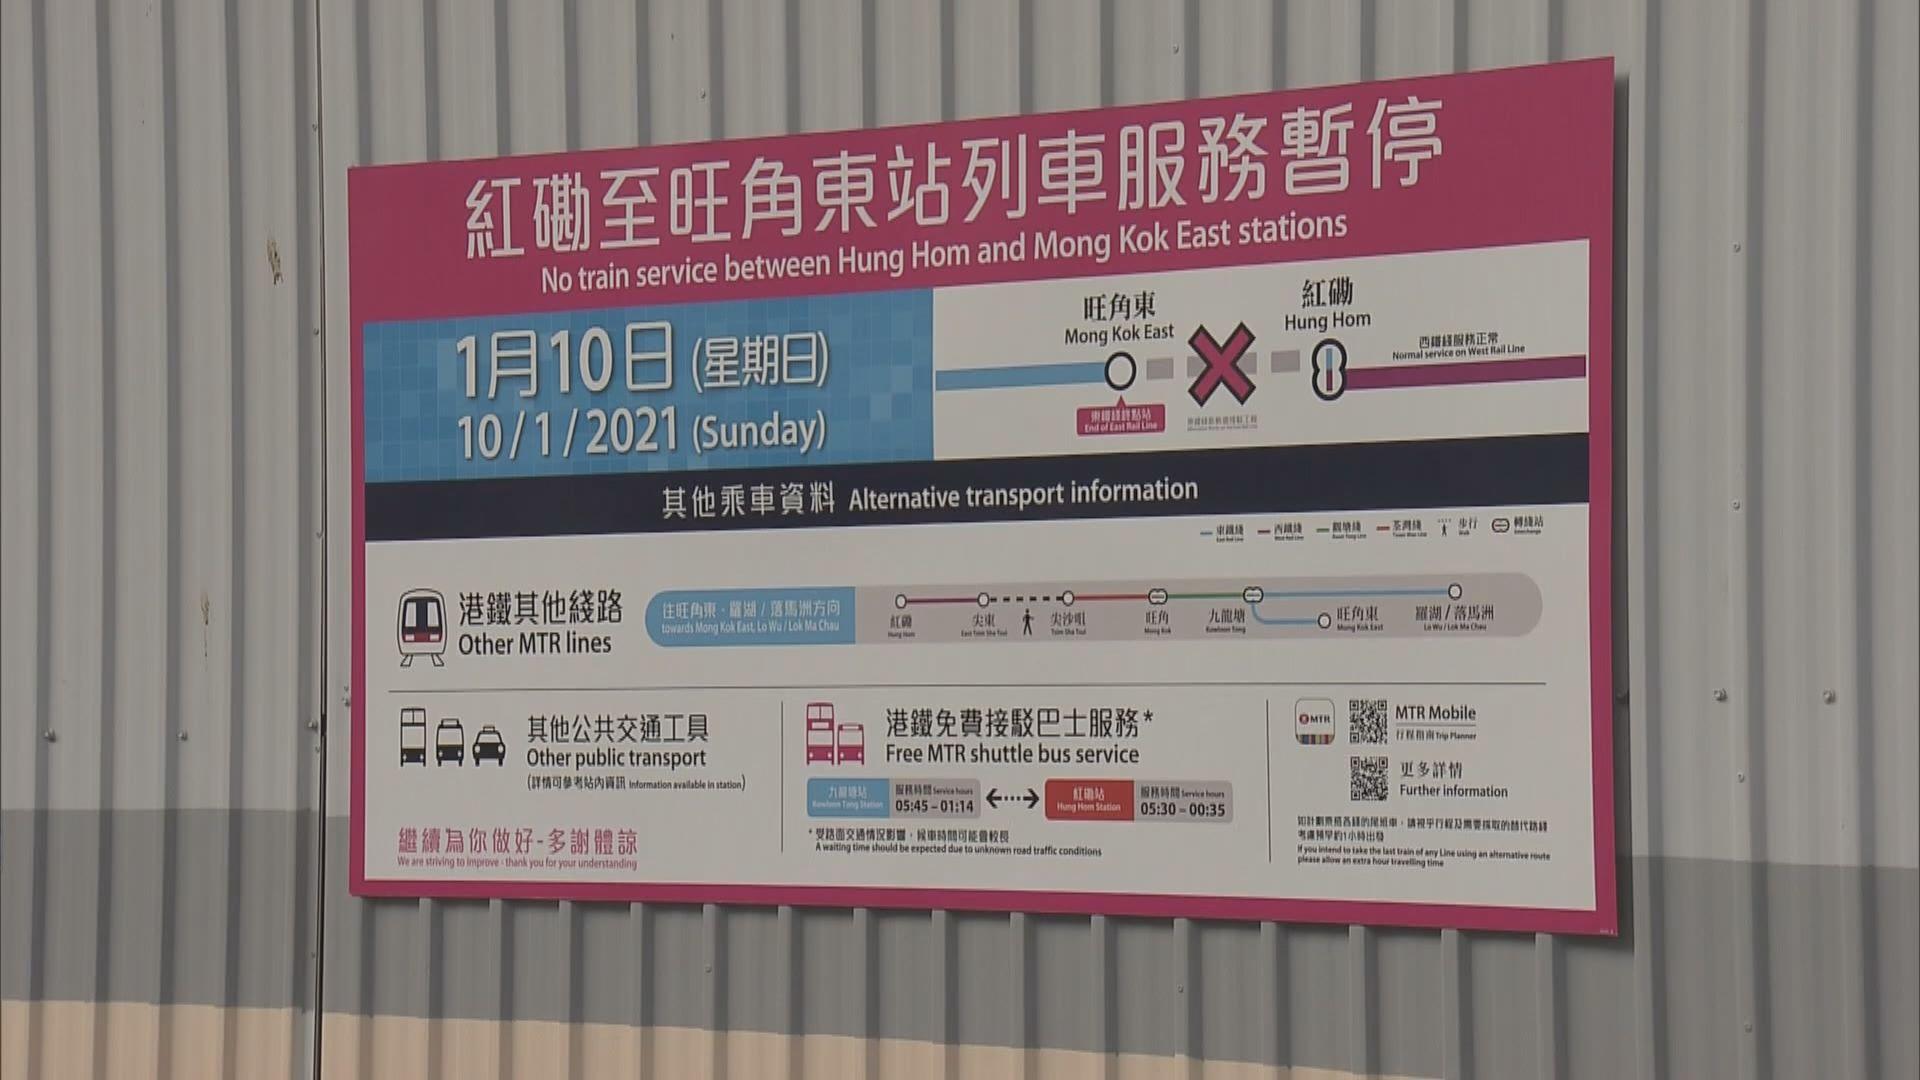 【提提你】東鐵綫旺角東至紅磡站列車服務周日暫停